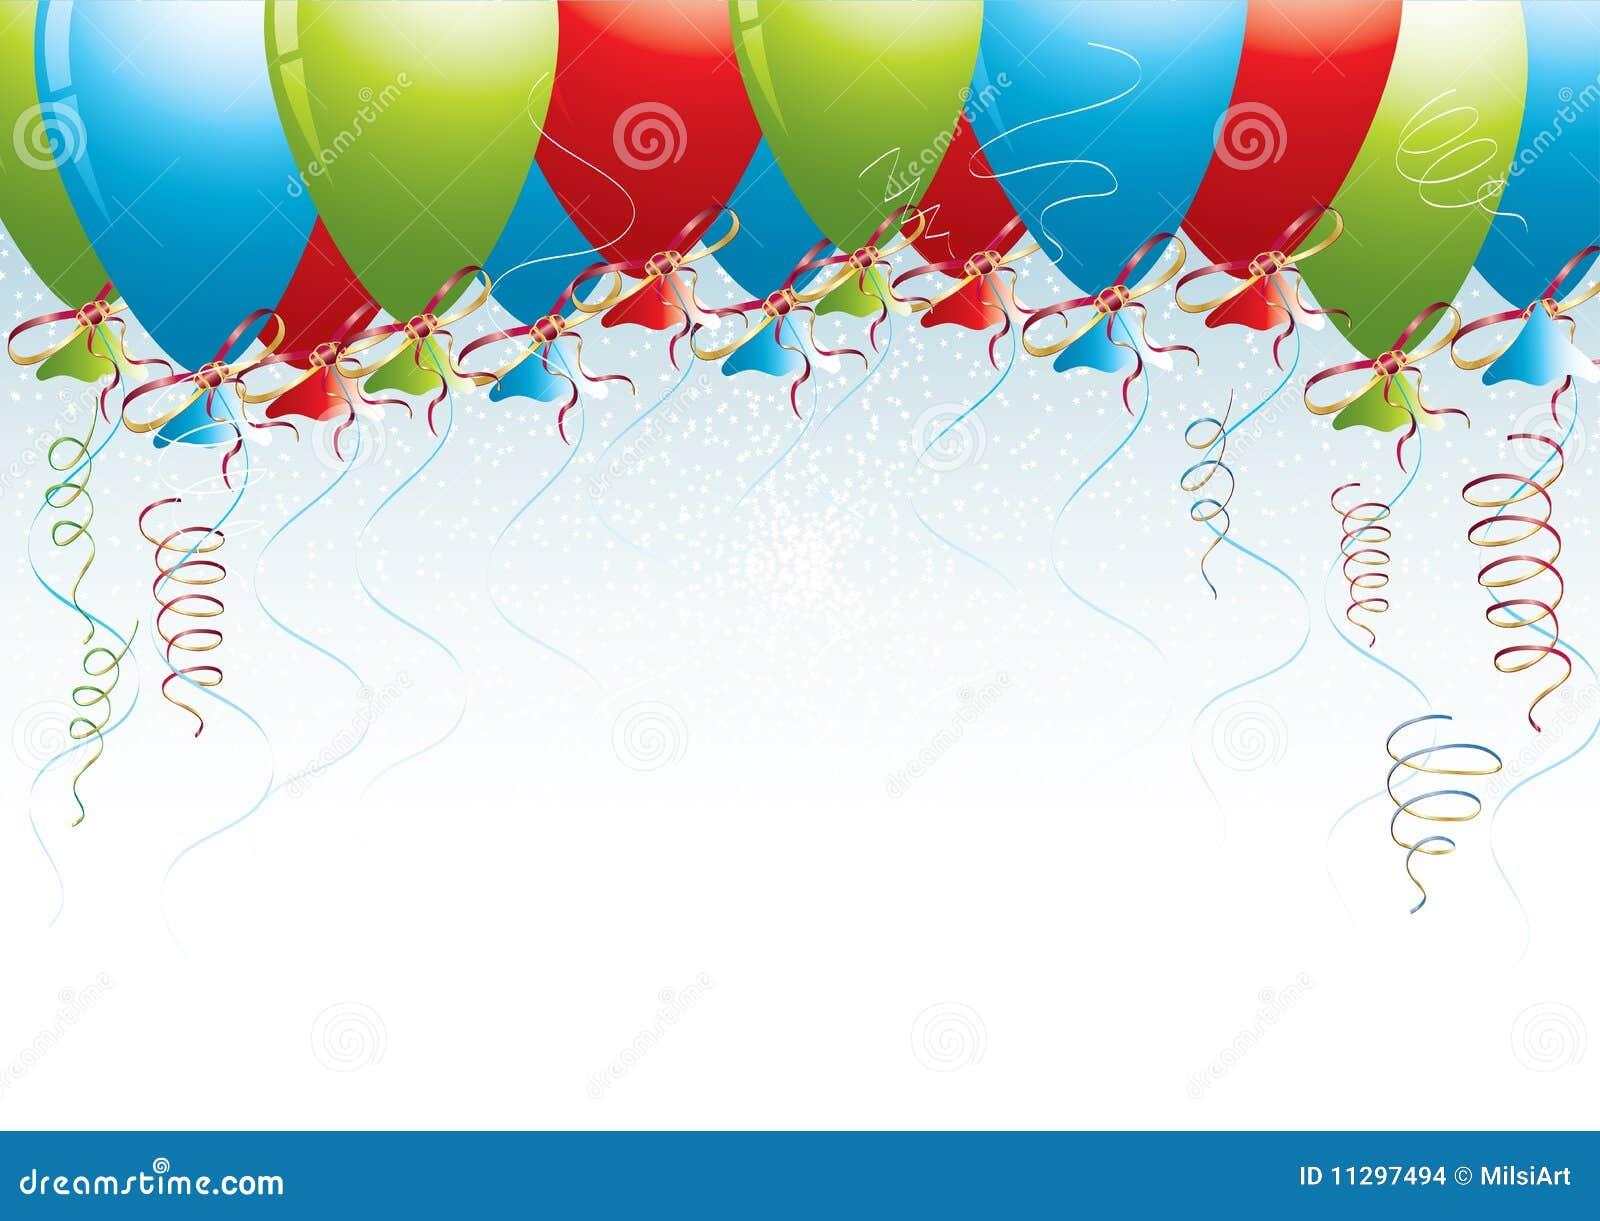 Celebration Background Stock Images - Image: 11297494